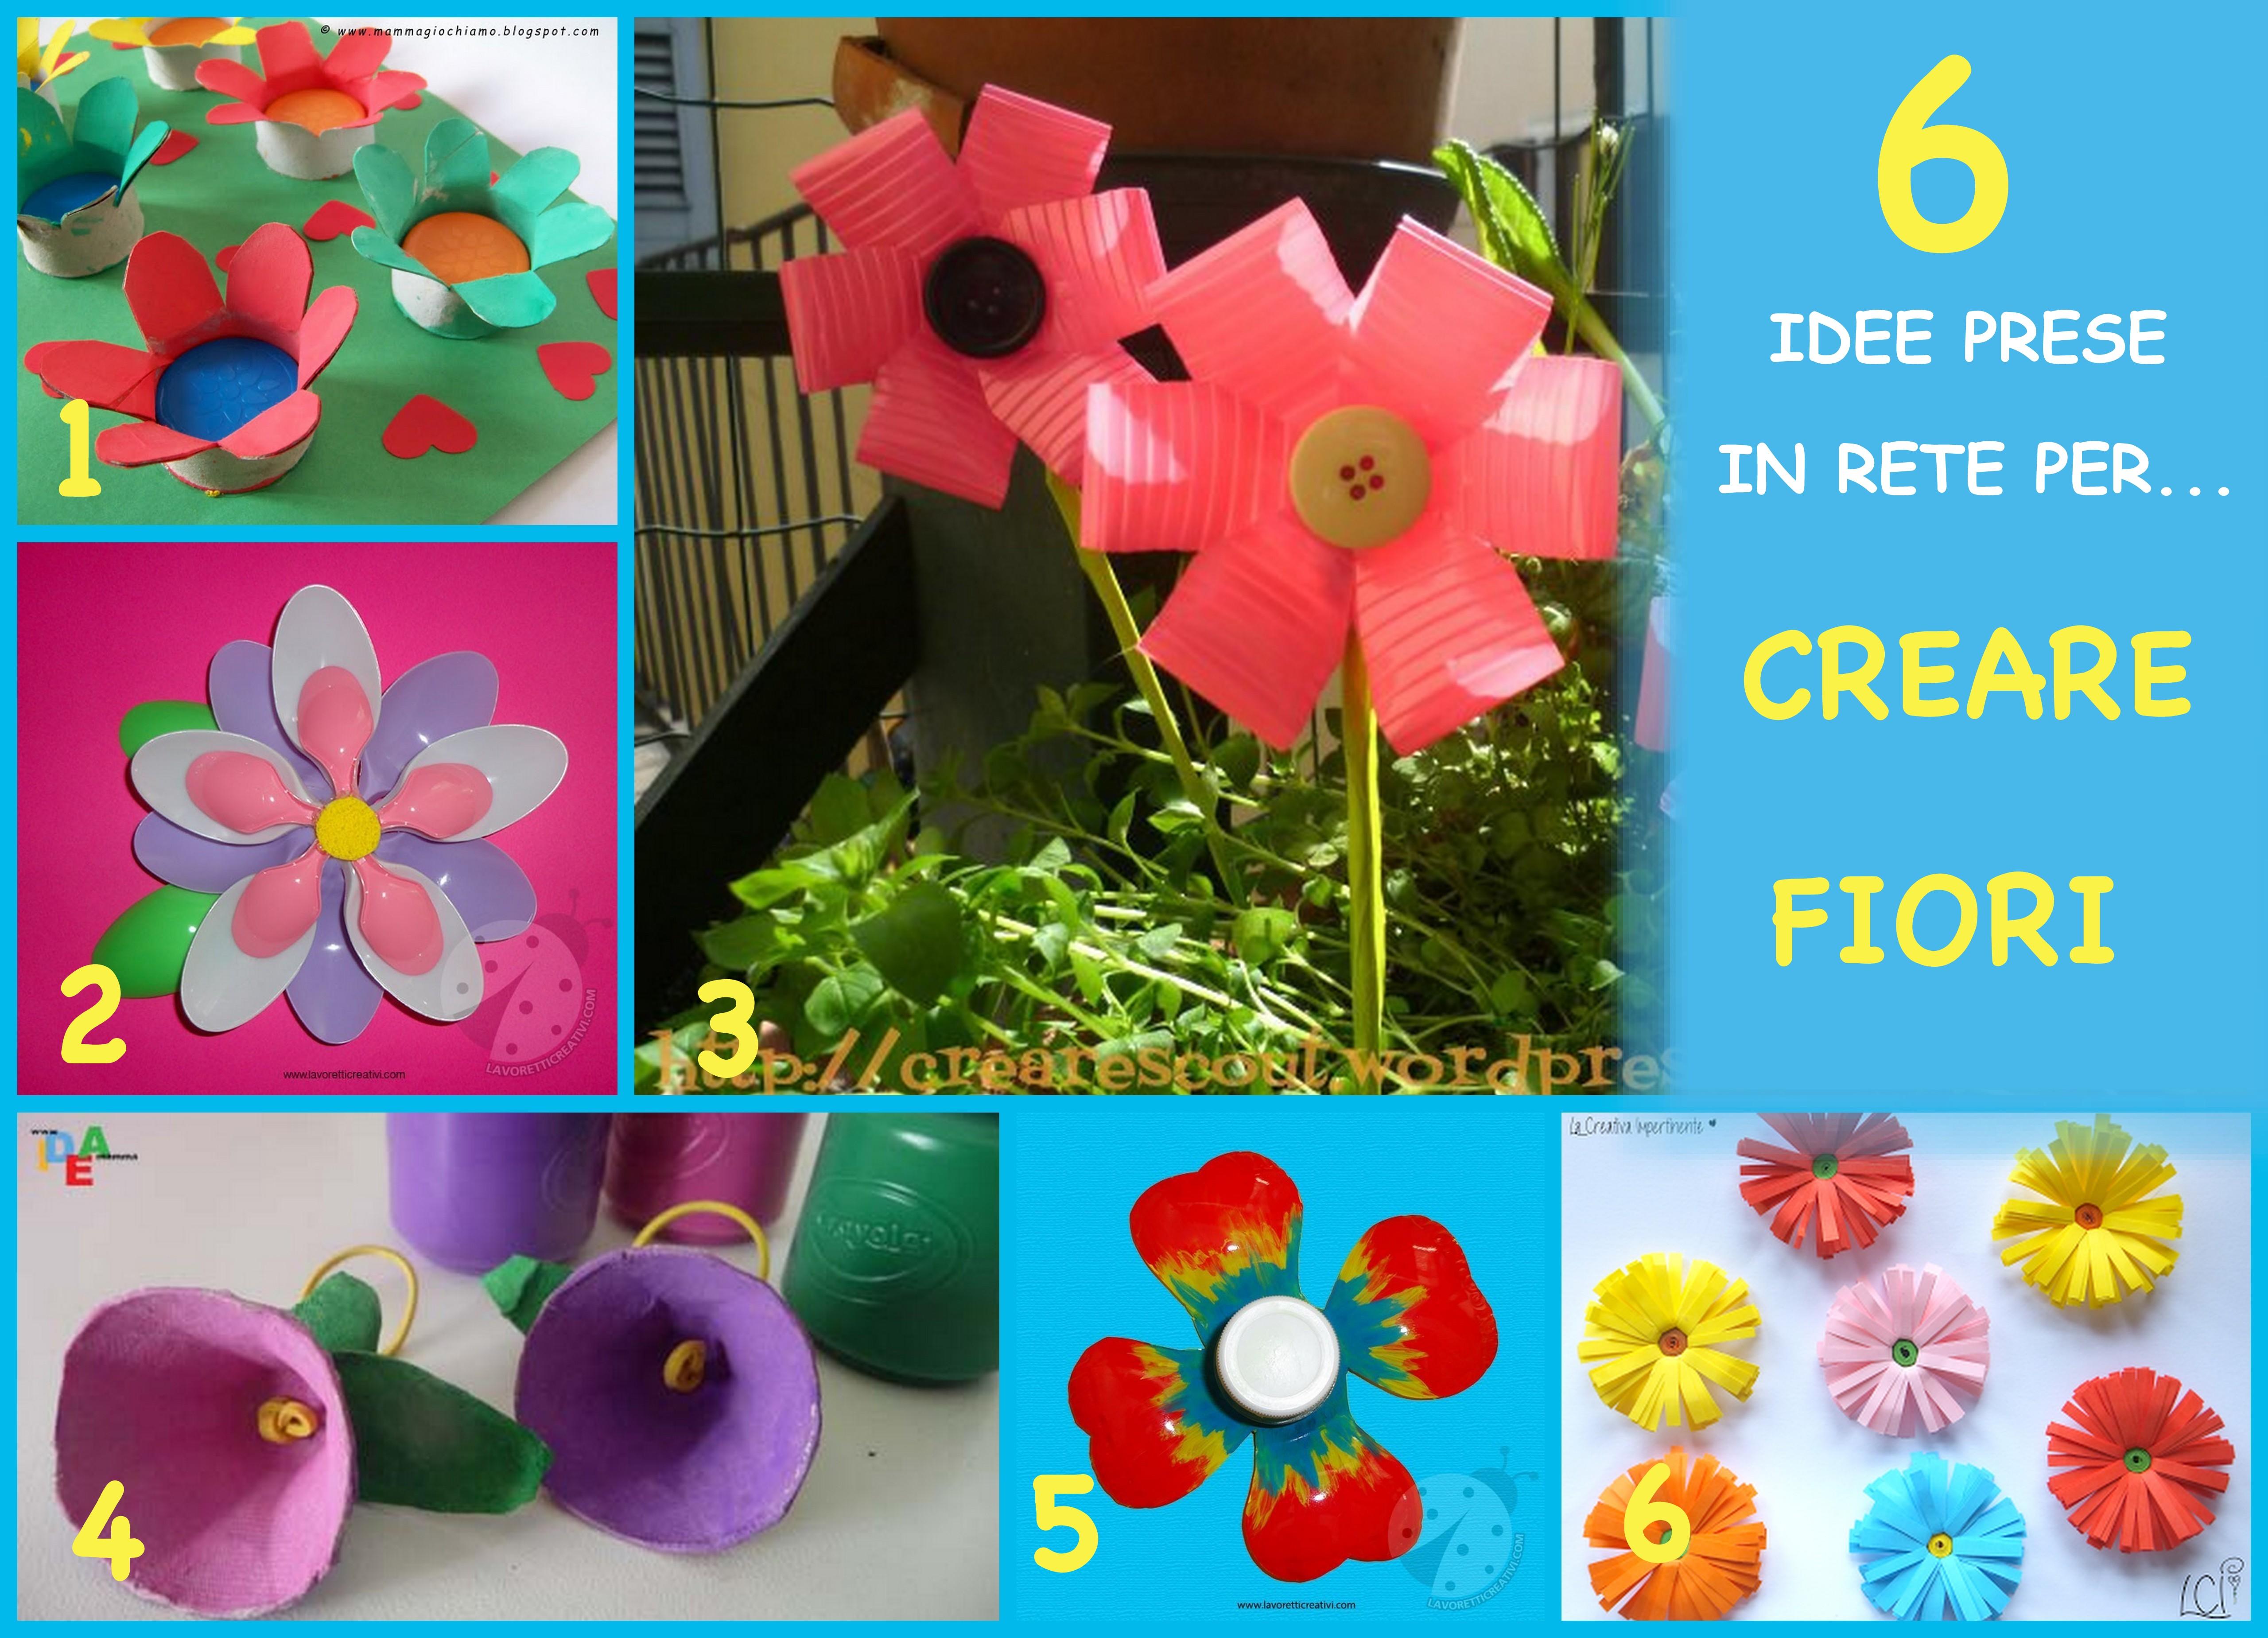 creare fiori con tappi, cartone, carta e bottiglie